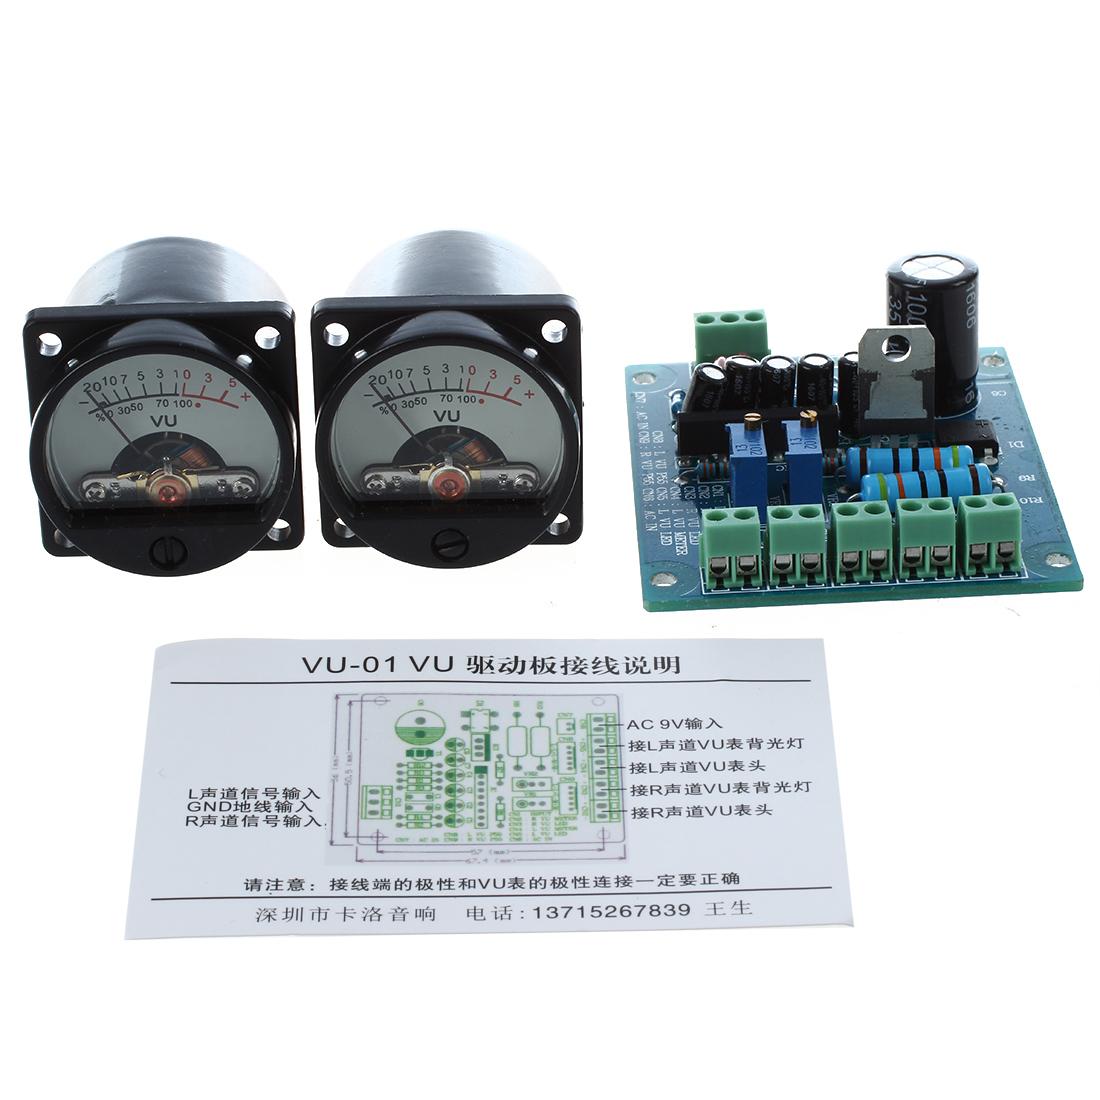 2pcs 500a Vu Meter Indicatori Ad Needle Driver Board 1 A Ac12v Drive W7x1